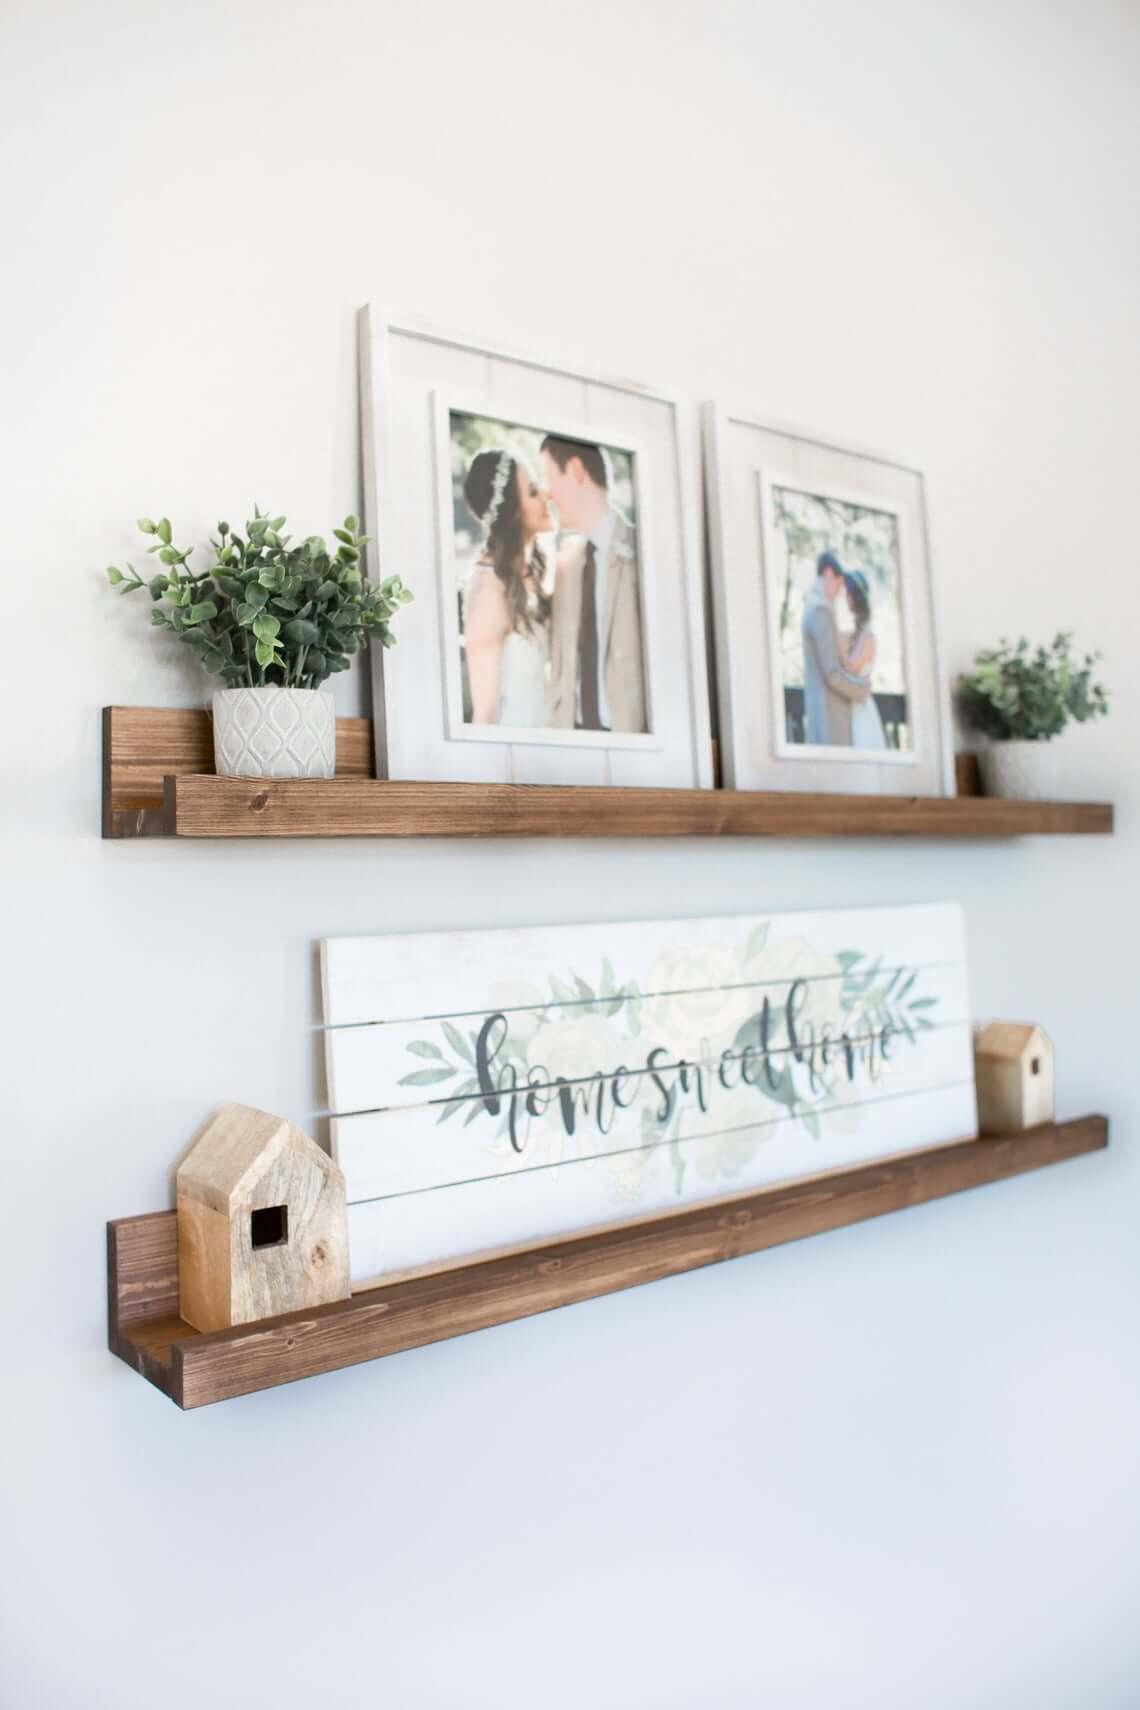 Decorative Wooden Tray Ledge Shelf